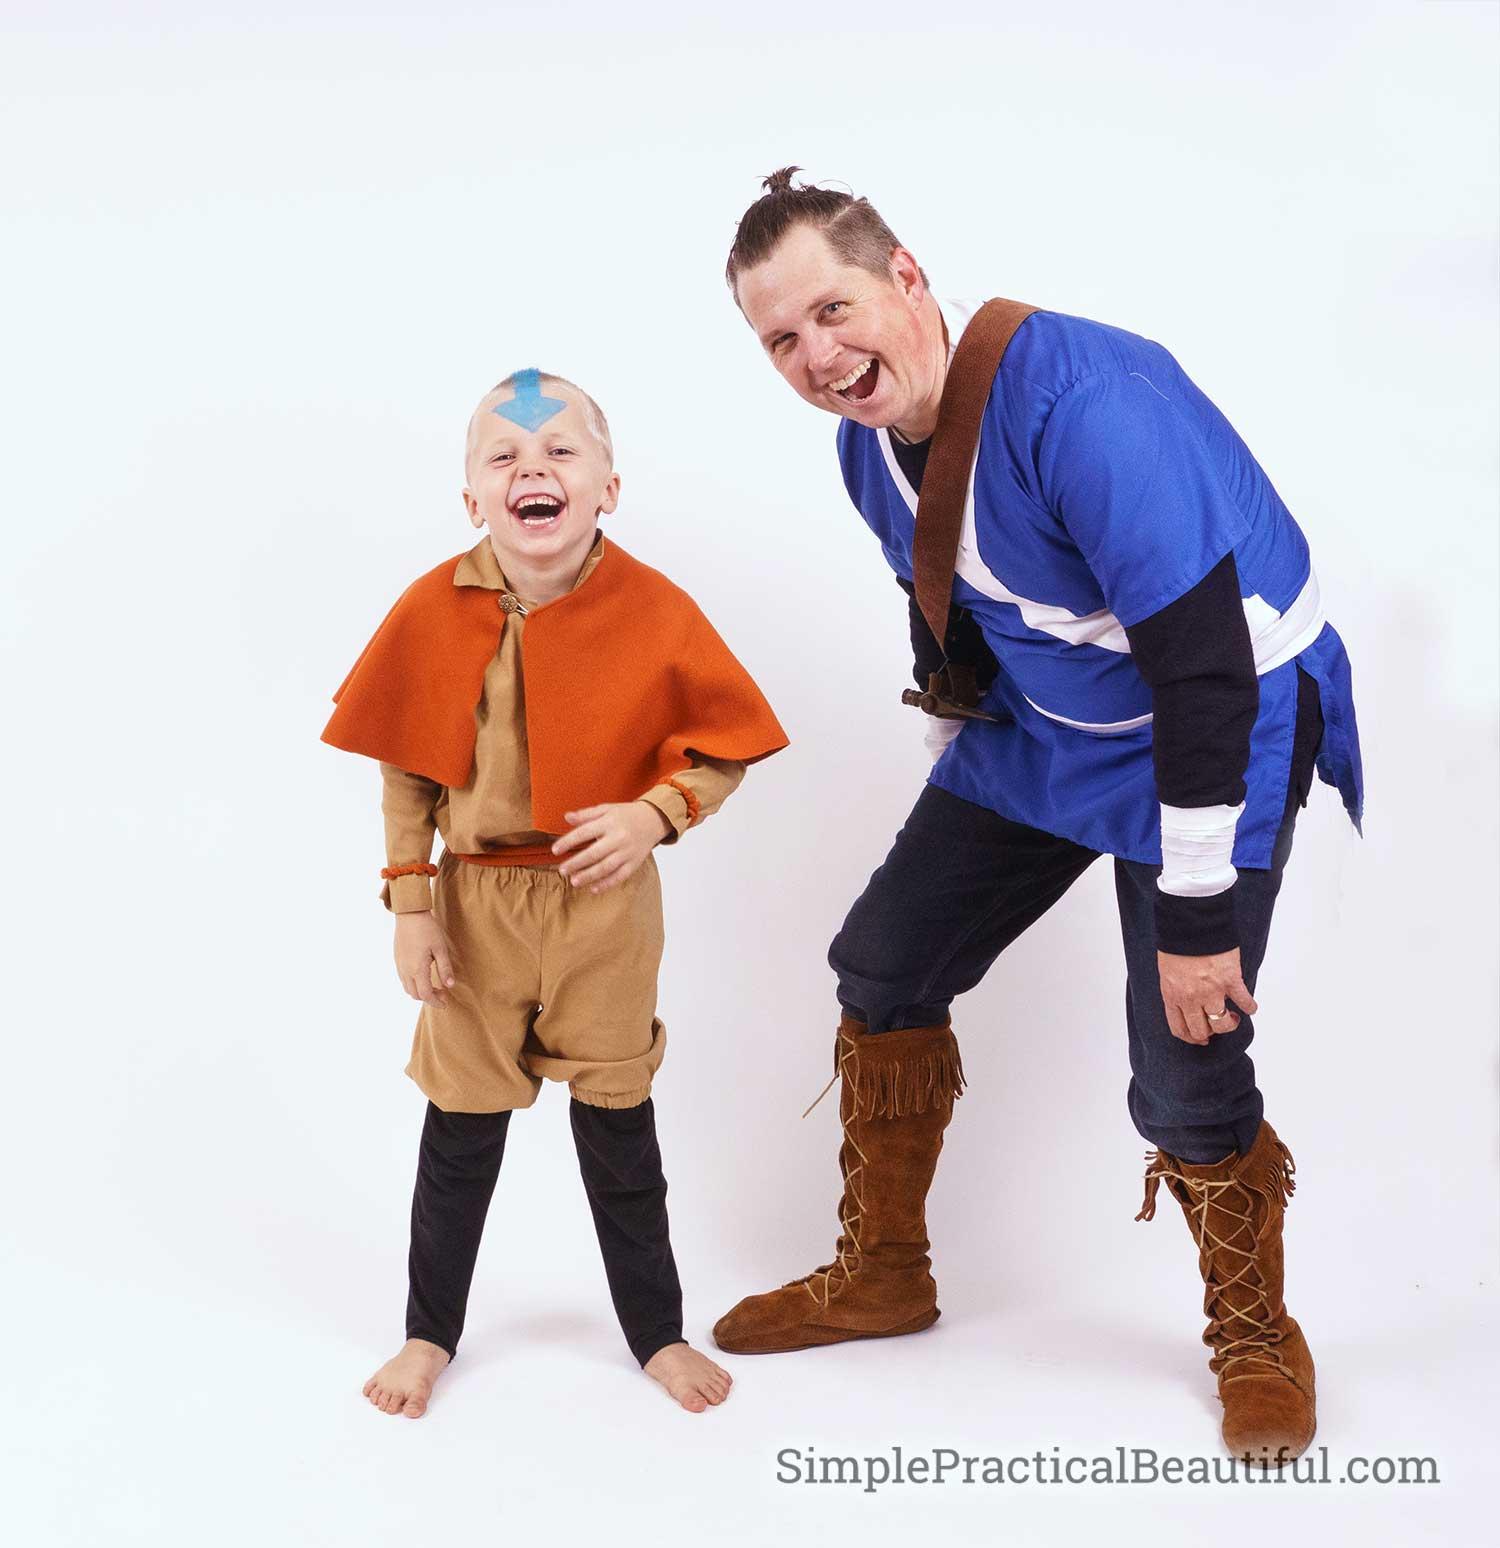 Cosplay of Aang and Sokka